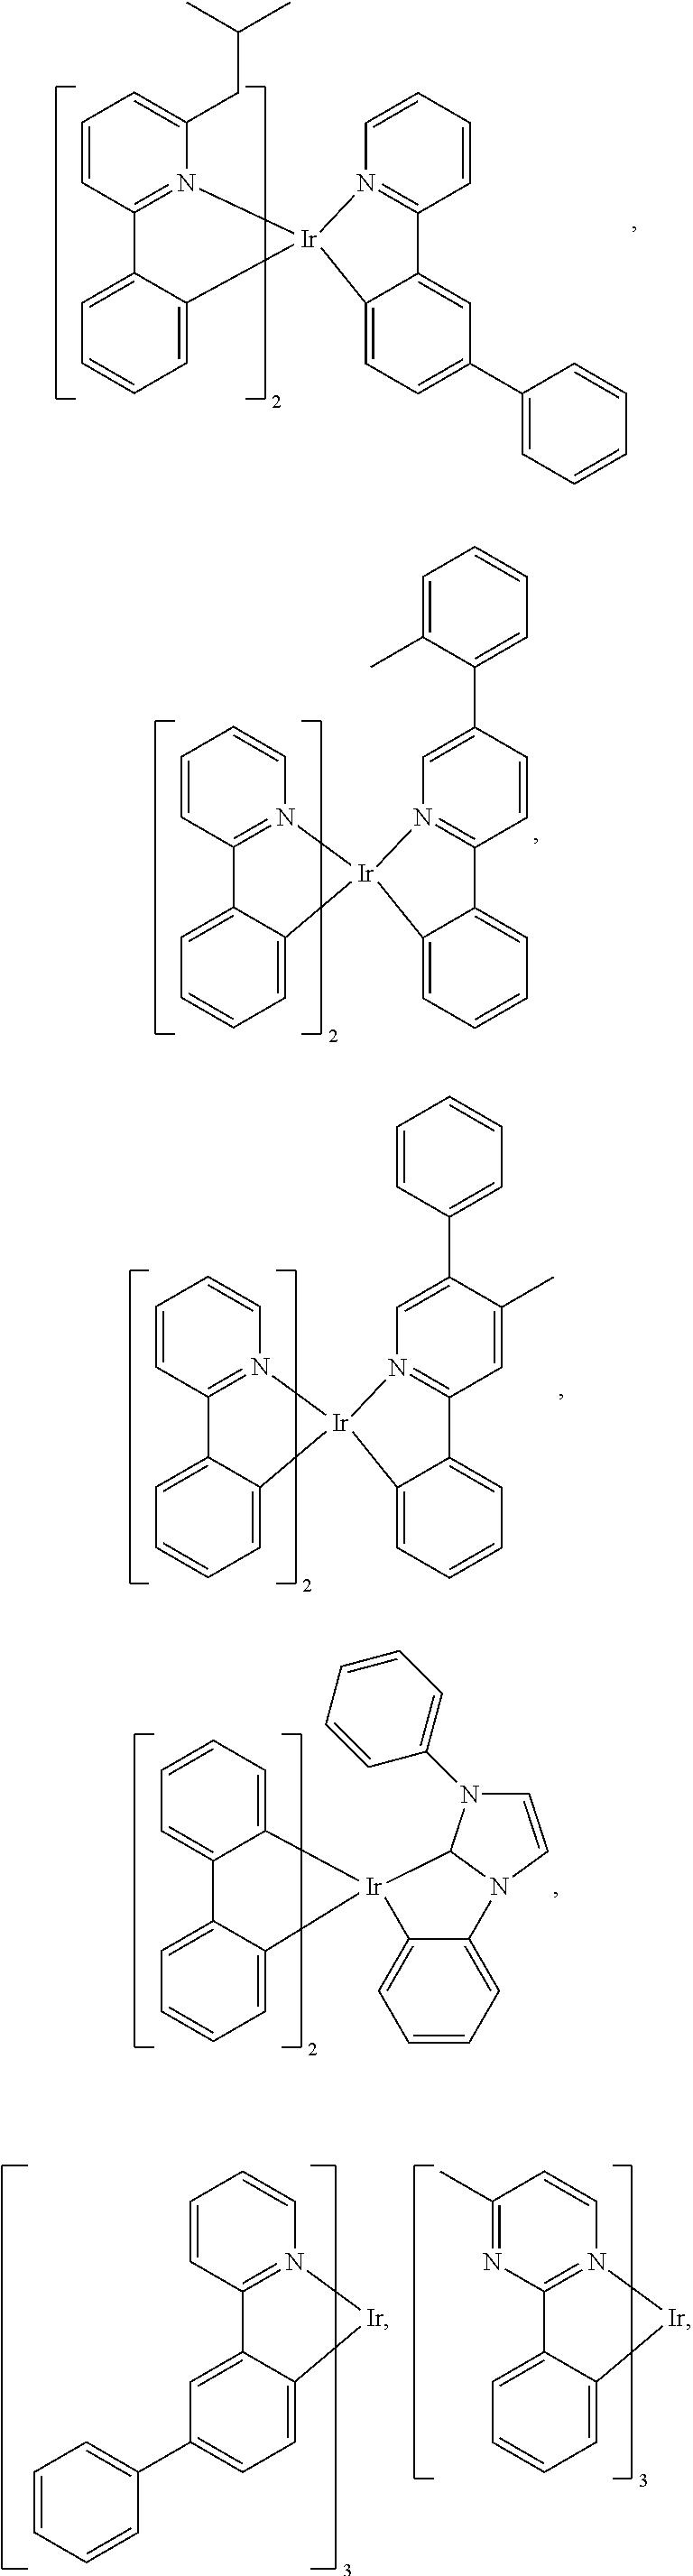 Figure US09978956-20180522-C00075